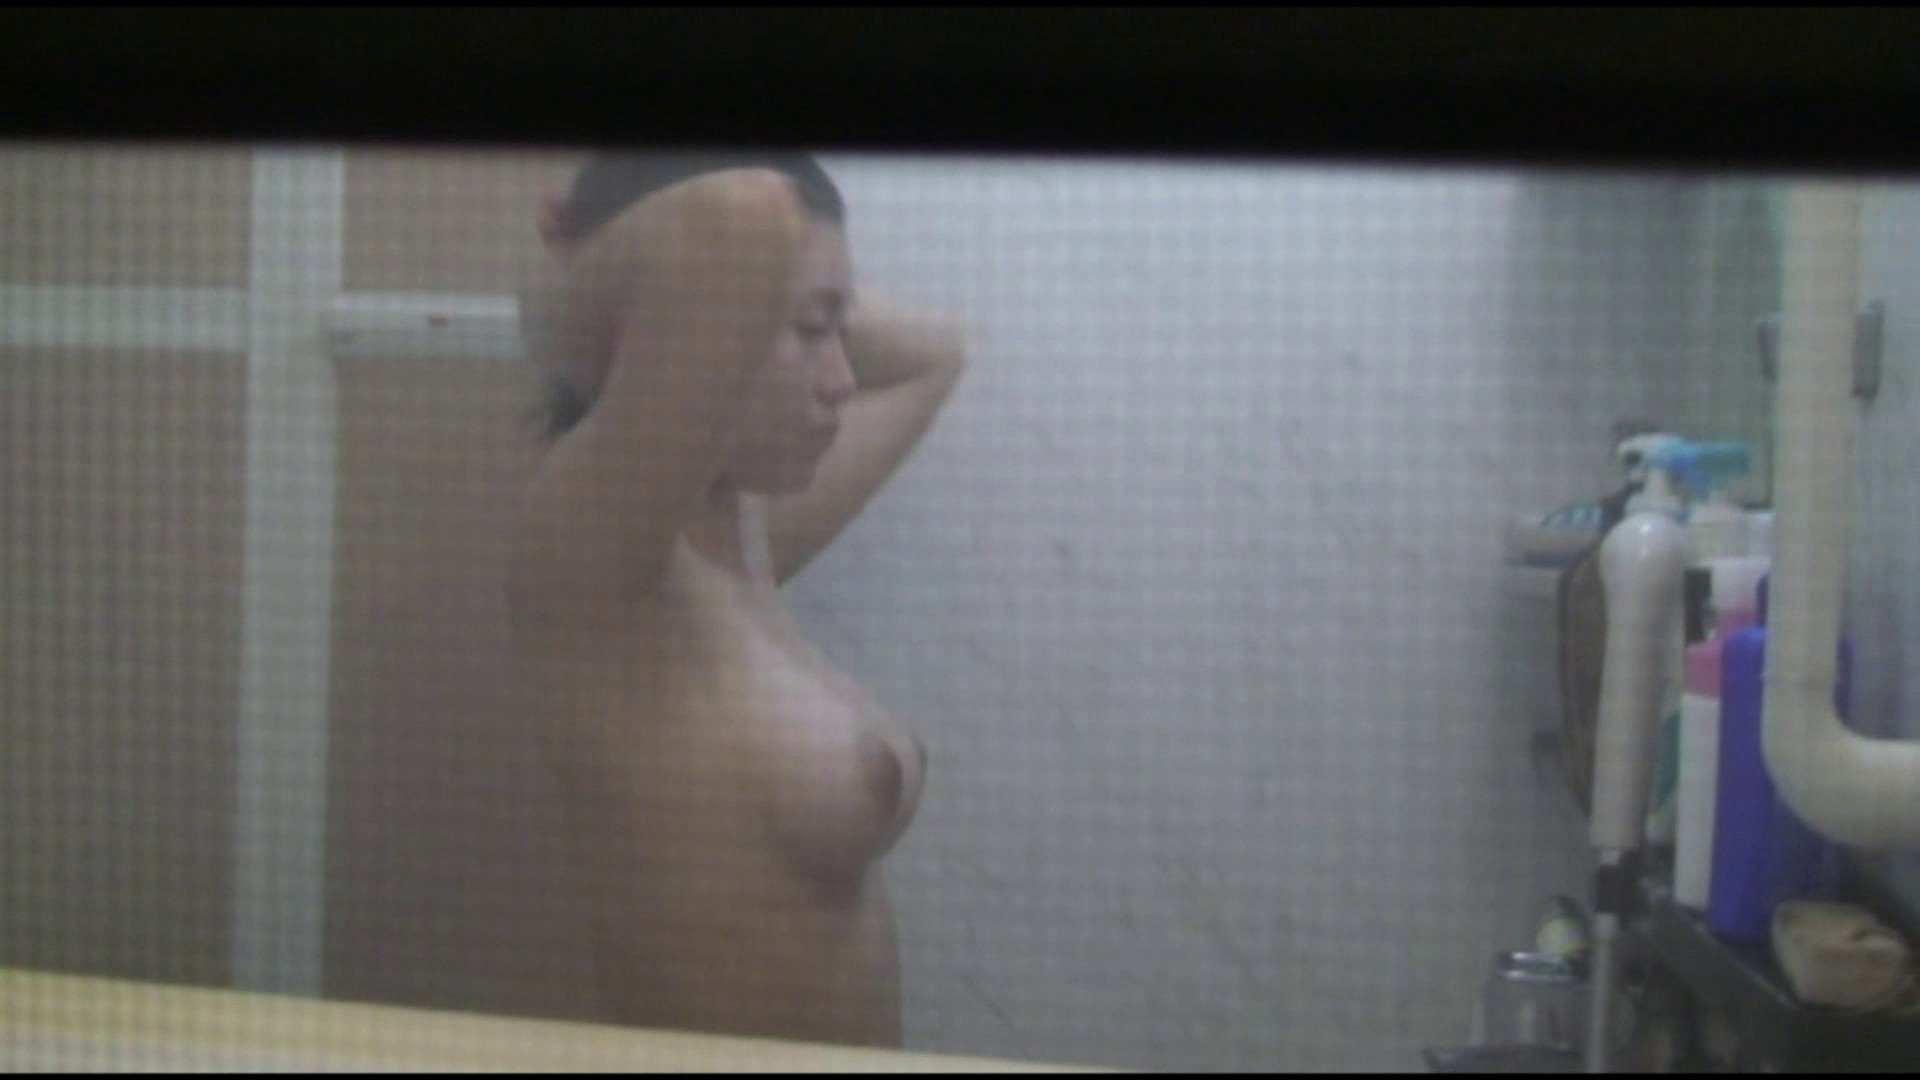 vol.04巨乳美人のおっぱいがプルルンッと弾けてます!風呂上りも必見 美人編  78画像 24